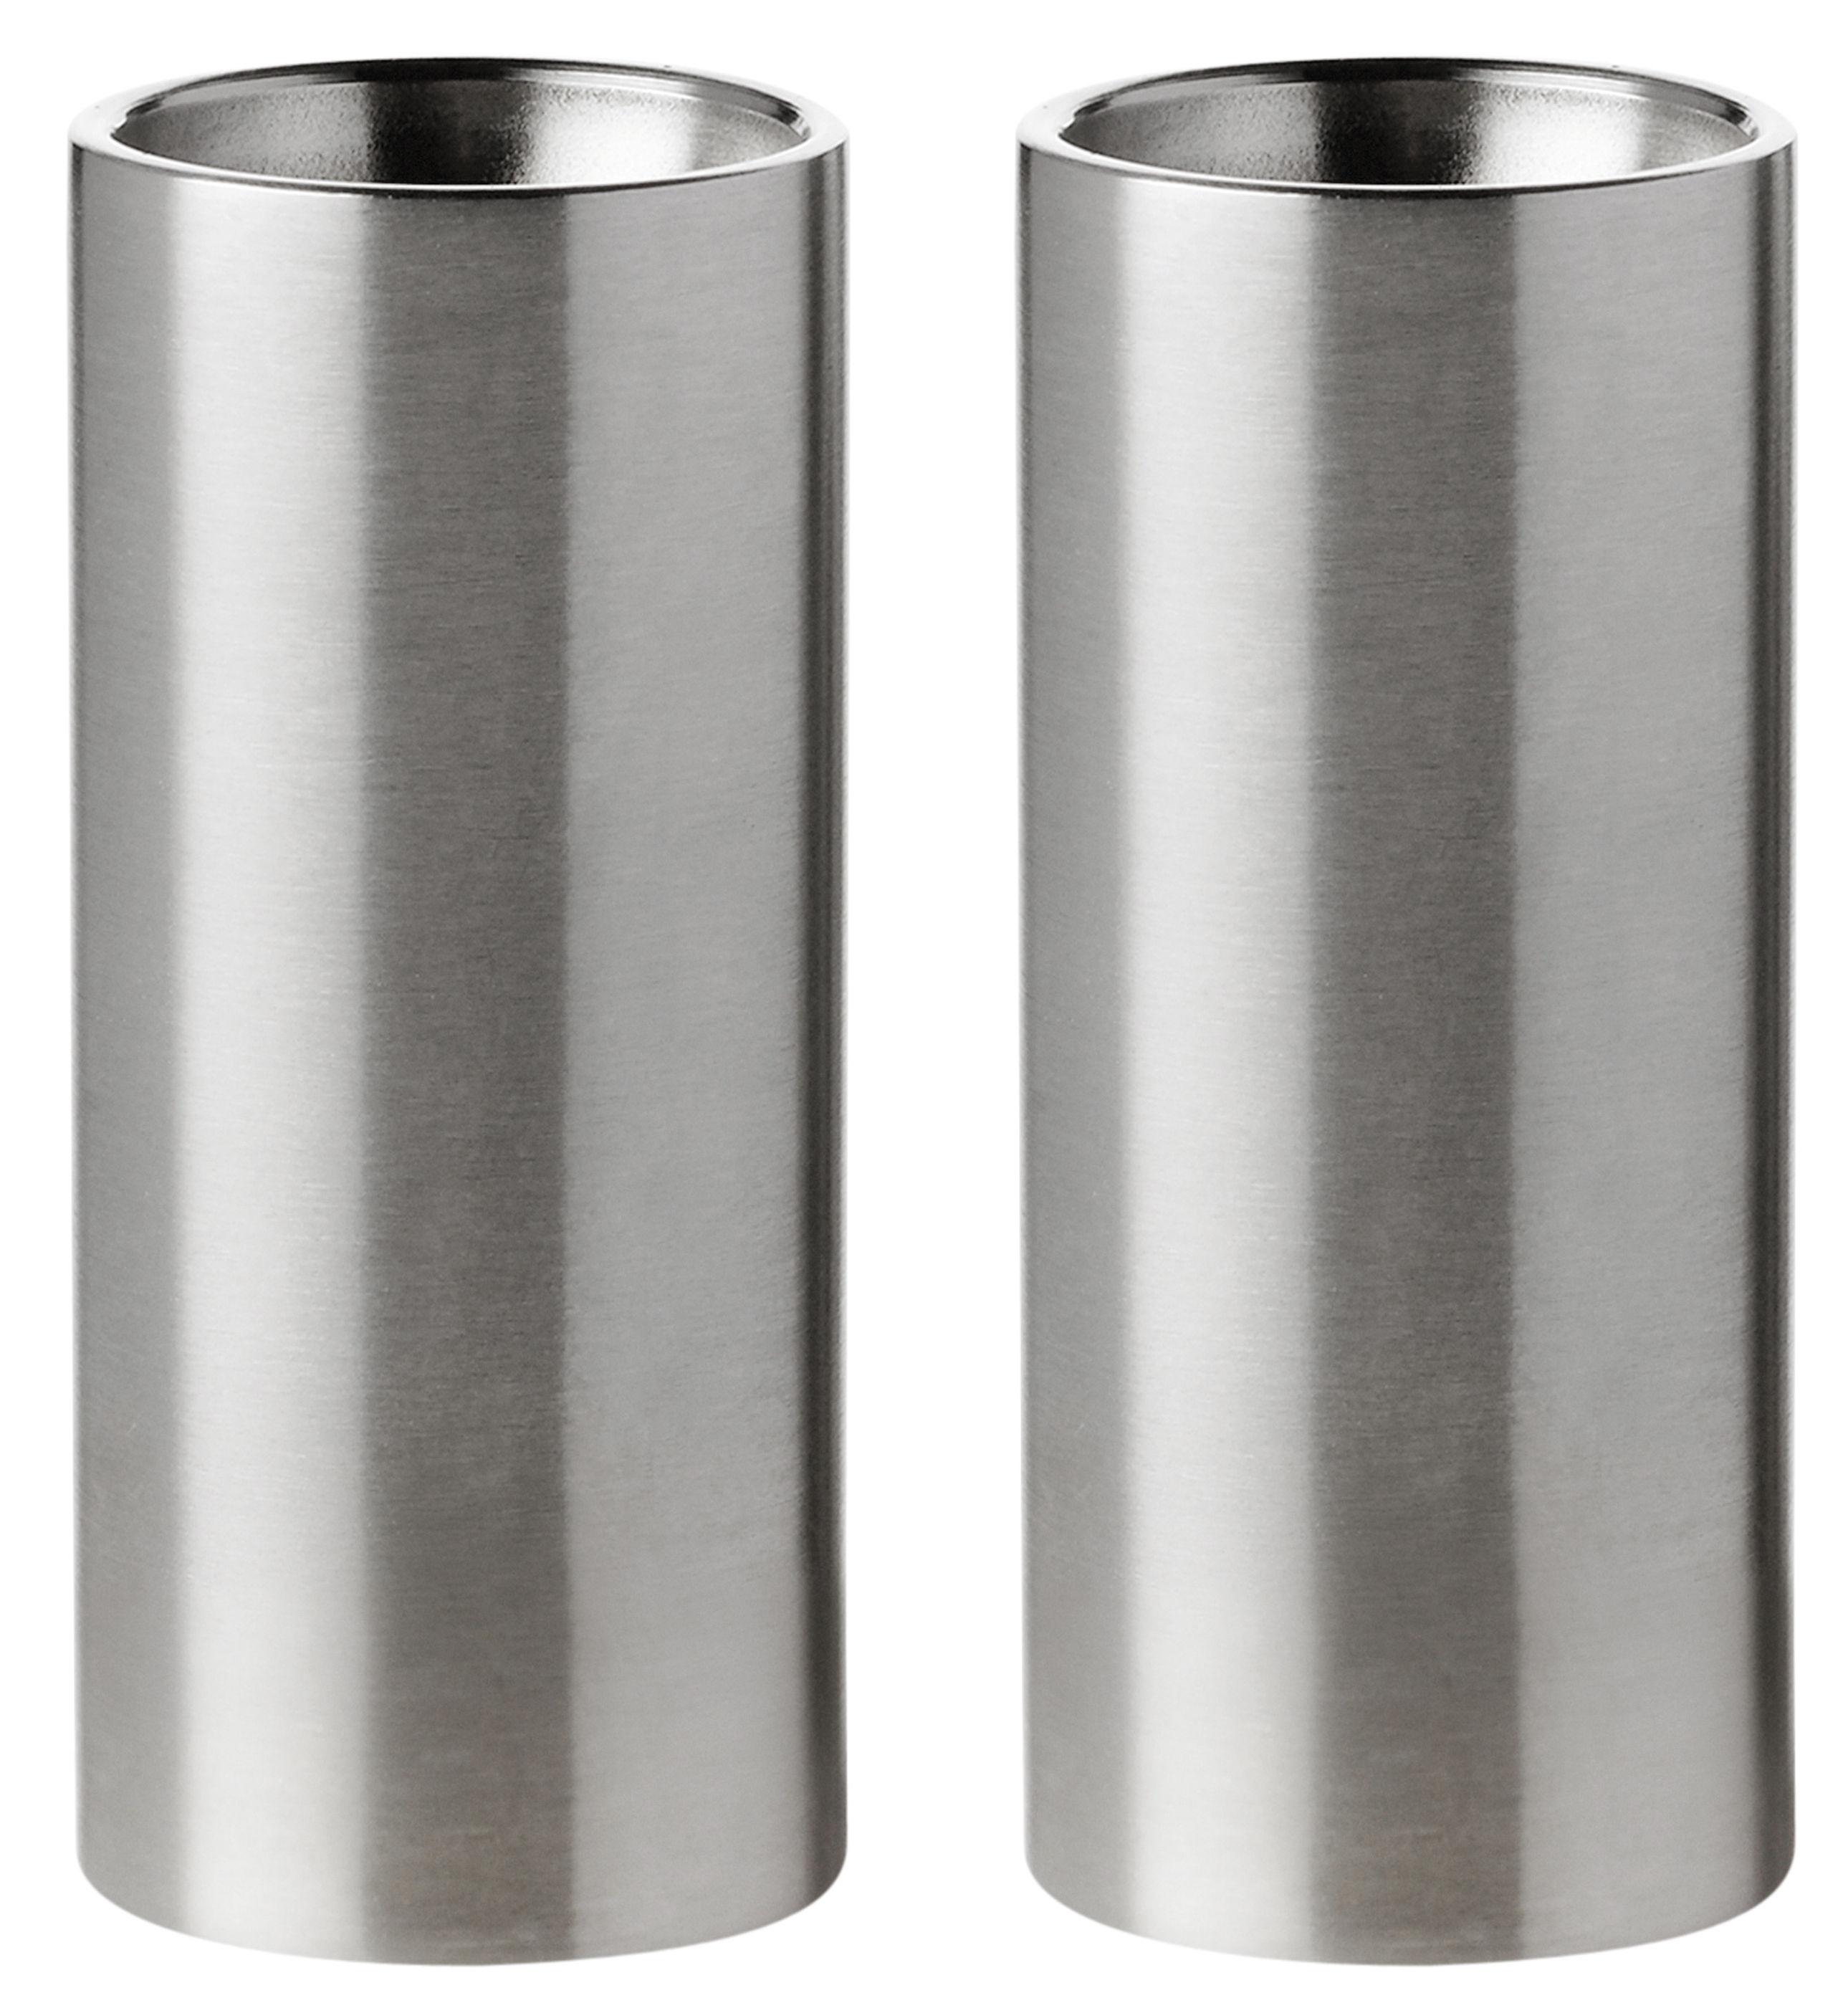 Egg Cups - Salt & Pepper Mills - Cylinda-Line Salt and pepper set by Stelton - Acier - Stainless steel